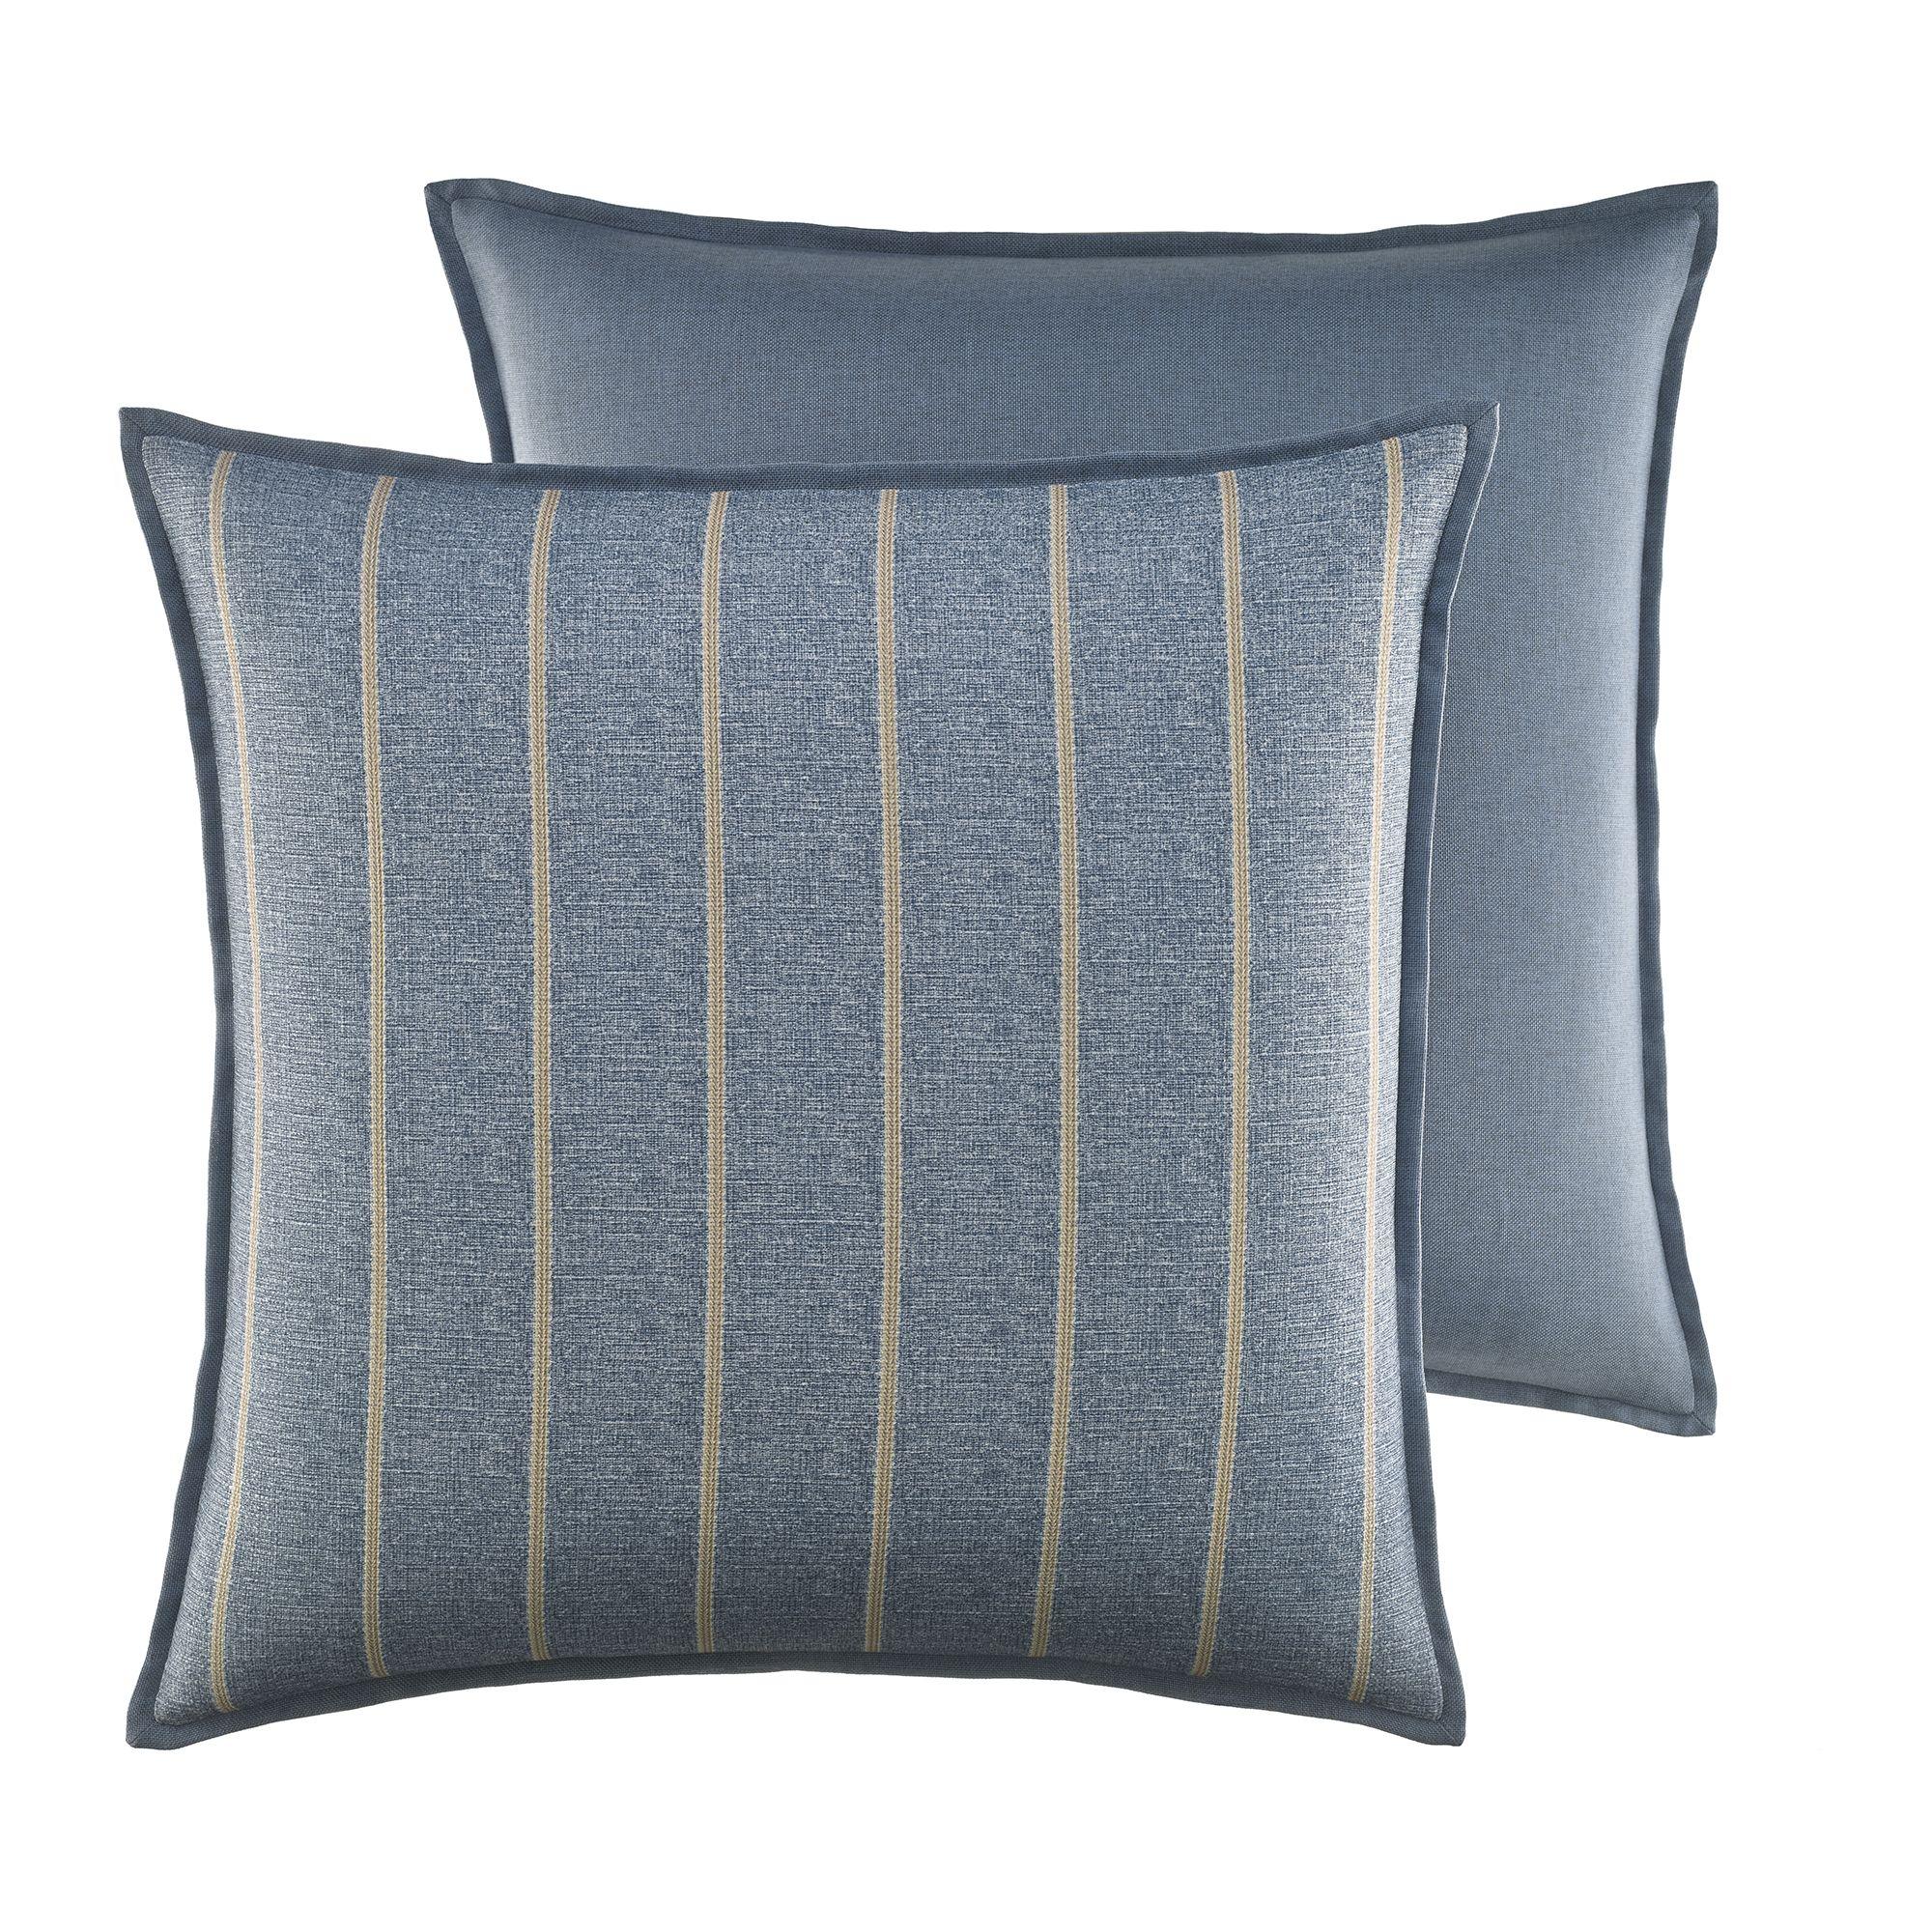 Captains Quarters European Sham Default Sham Bedding Comforter Sets Pillows